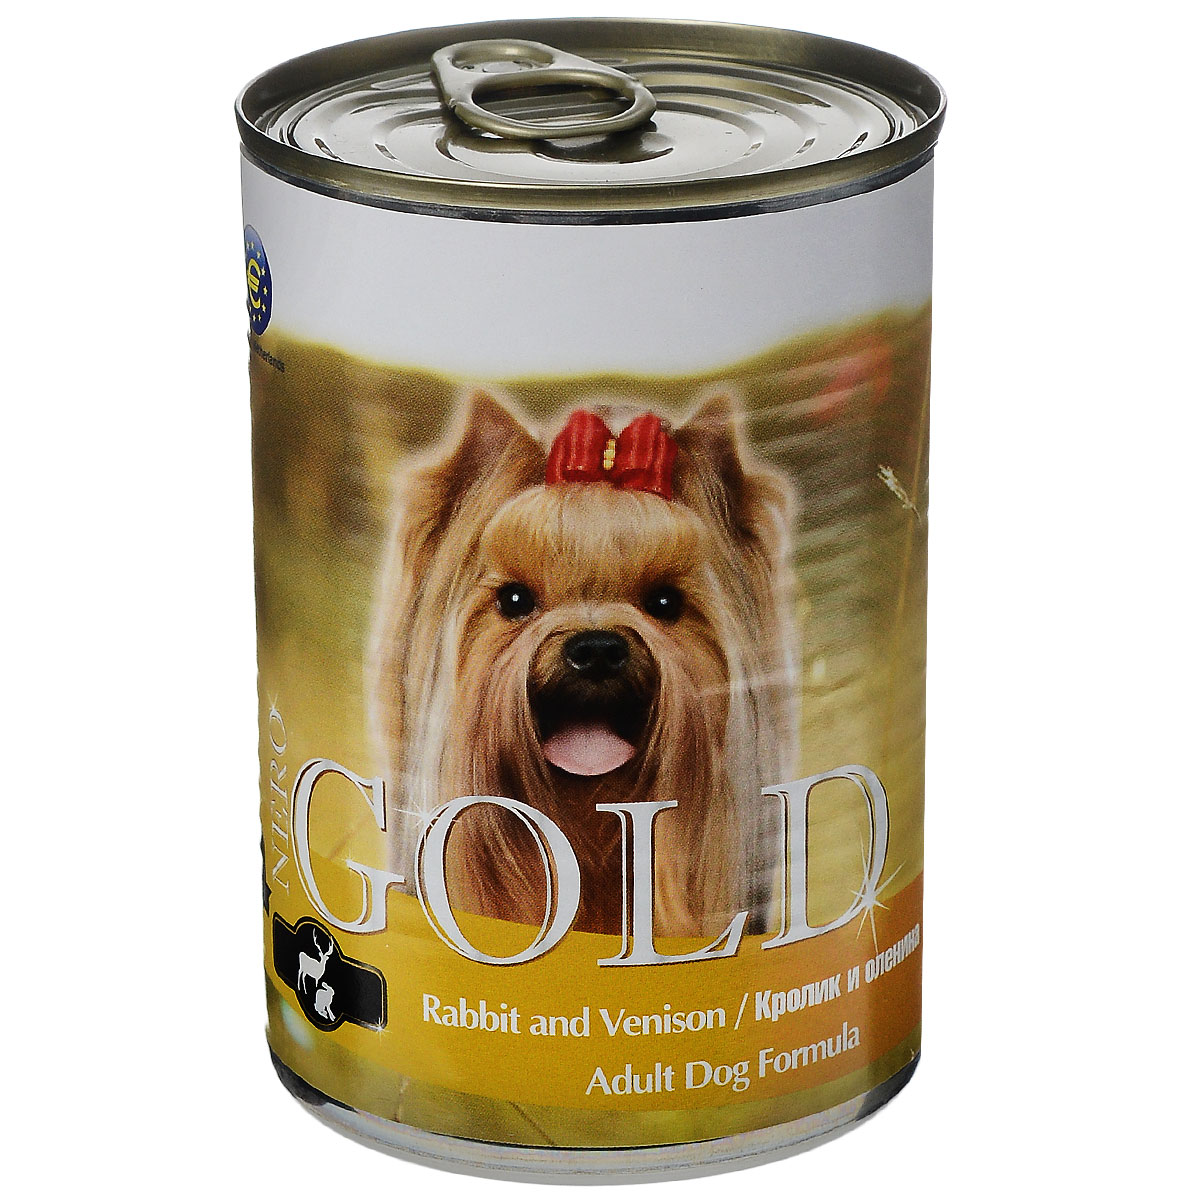 Консервы для собак Nero Gold, с кроликом и олениной, 410 г0120710Консервы для собак Nero Gold - полнорационный продукт, содержащий все необходимые витамины и минералы, сбалансированный для поддержания оптимального здоровья вашего питомца! Состав: мясо и его производные, филе курицы, филе кролика, оленина, злаки, витамины и минералы. Гарантированный анализ: белки 6,5%, жиры 4,5%, клетчатка 0,5%, зола 2%, влага 81%. Пищевые добавки на 1 кг продукта: витамин А 1600 МЕ, витамин D 140 МЕ, витамин Е 10 МЕ, железо 24 мг, марганец 6 мг, цинк 15 мг, медь 1 мг, магний 200 мг, йод 0,3 мг, селен 0,2 мг.Вес: 410 г. Товар сертифицирован.